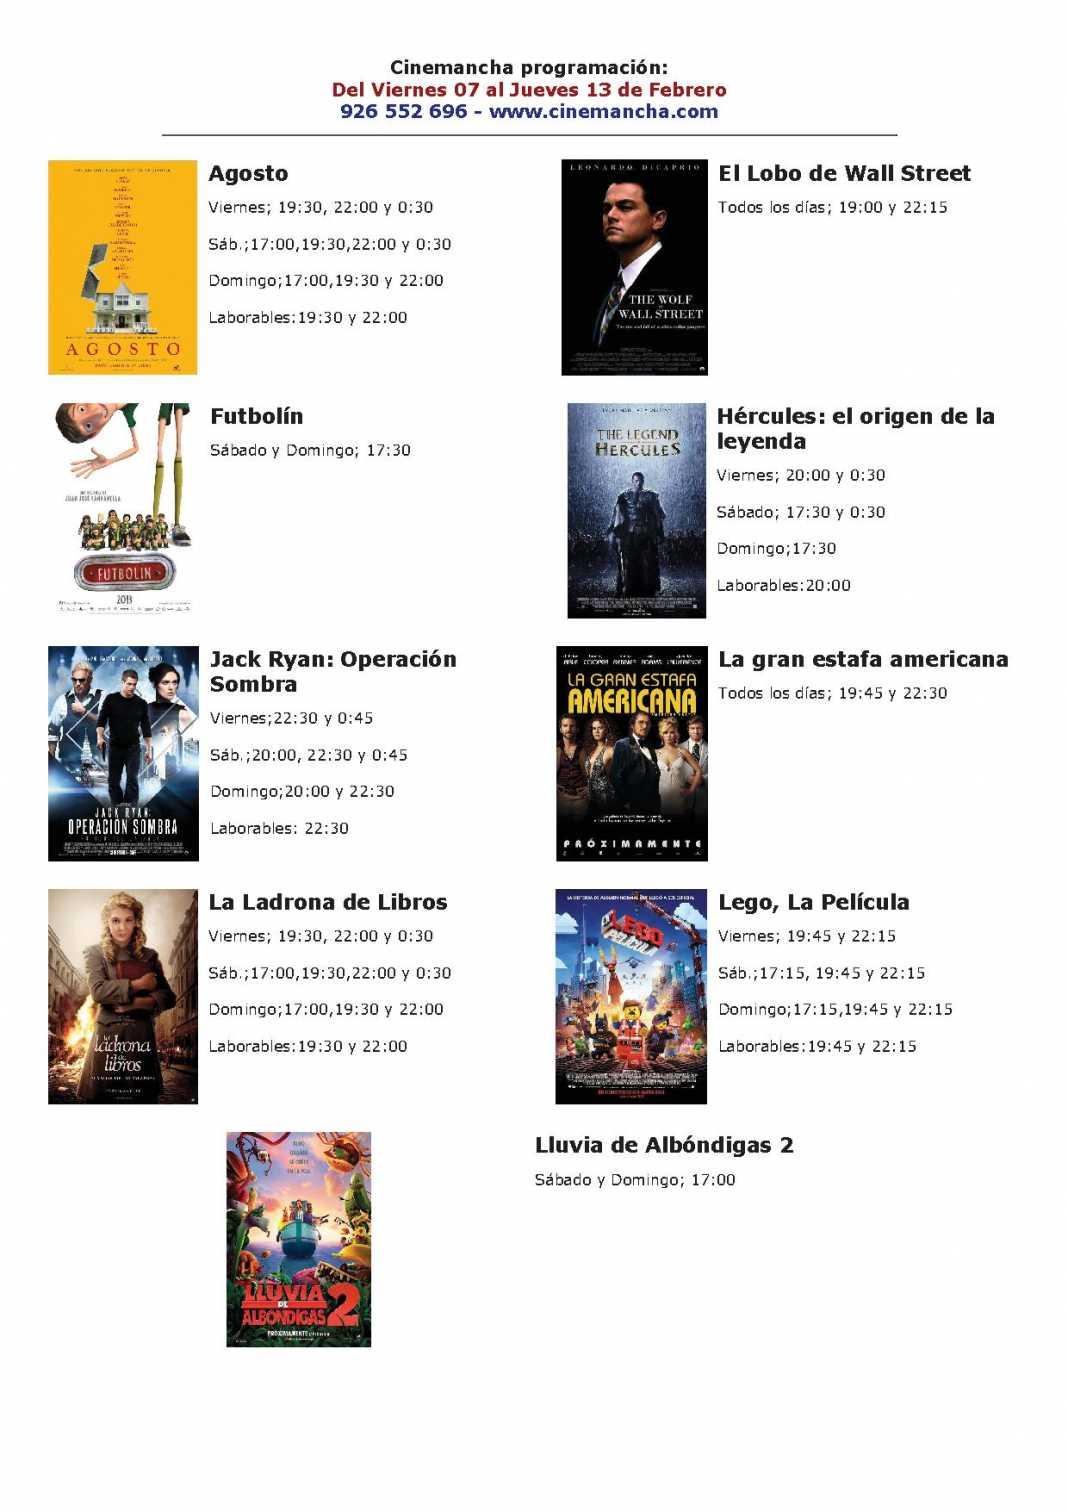 cartelera de cinemancha del 07 al 13 de febrero 1068x1511 - Programación Cinemancha del 7 al jueves 13 de febrero.